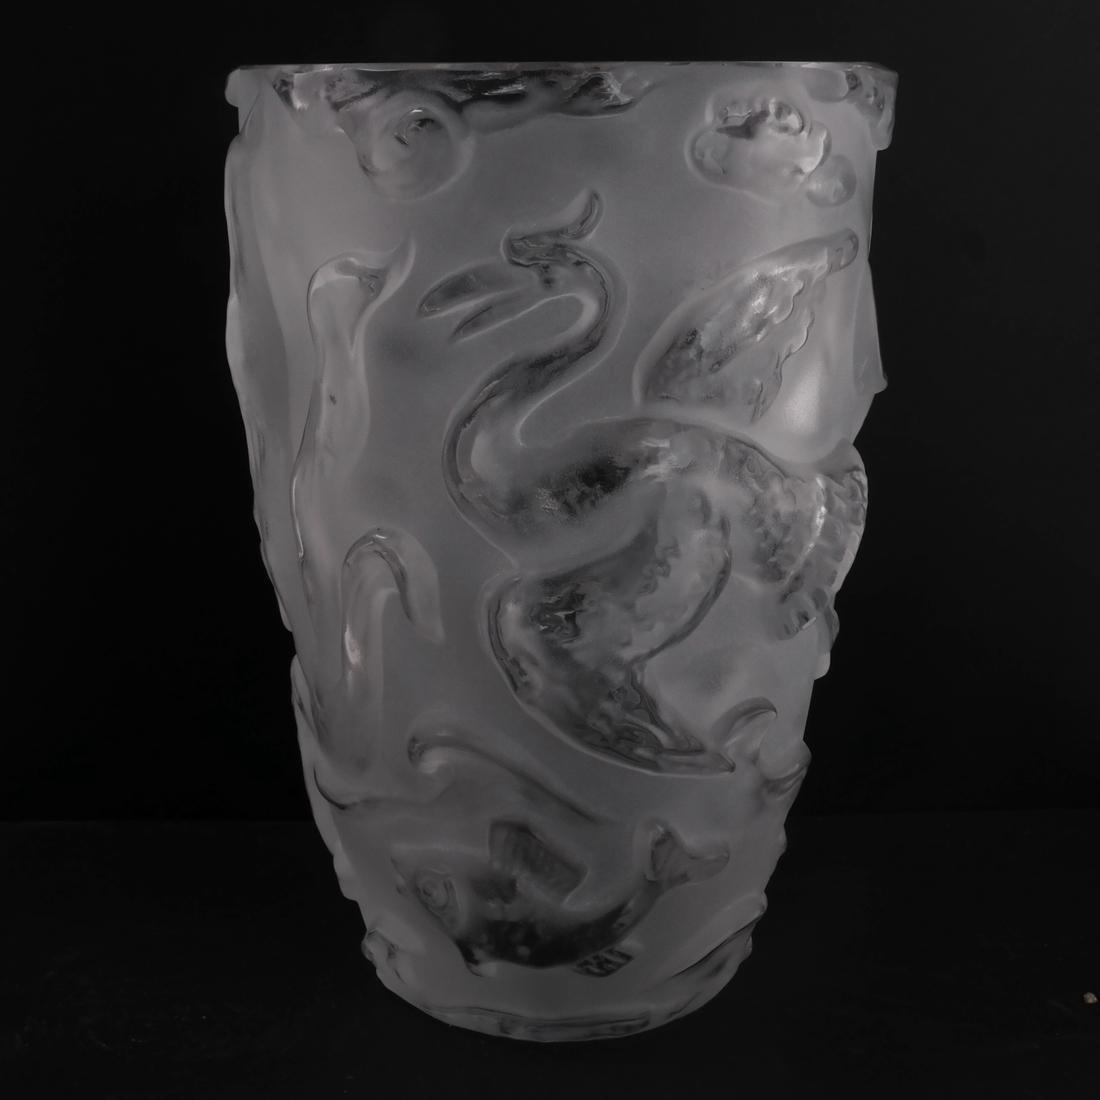 Lalique-Style Cranes Vase